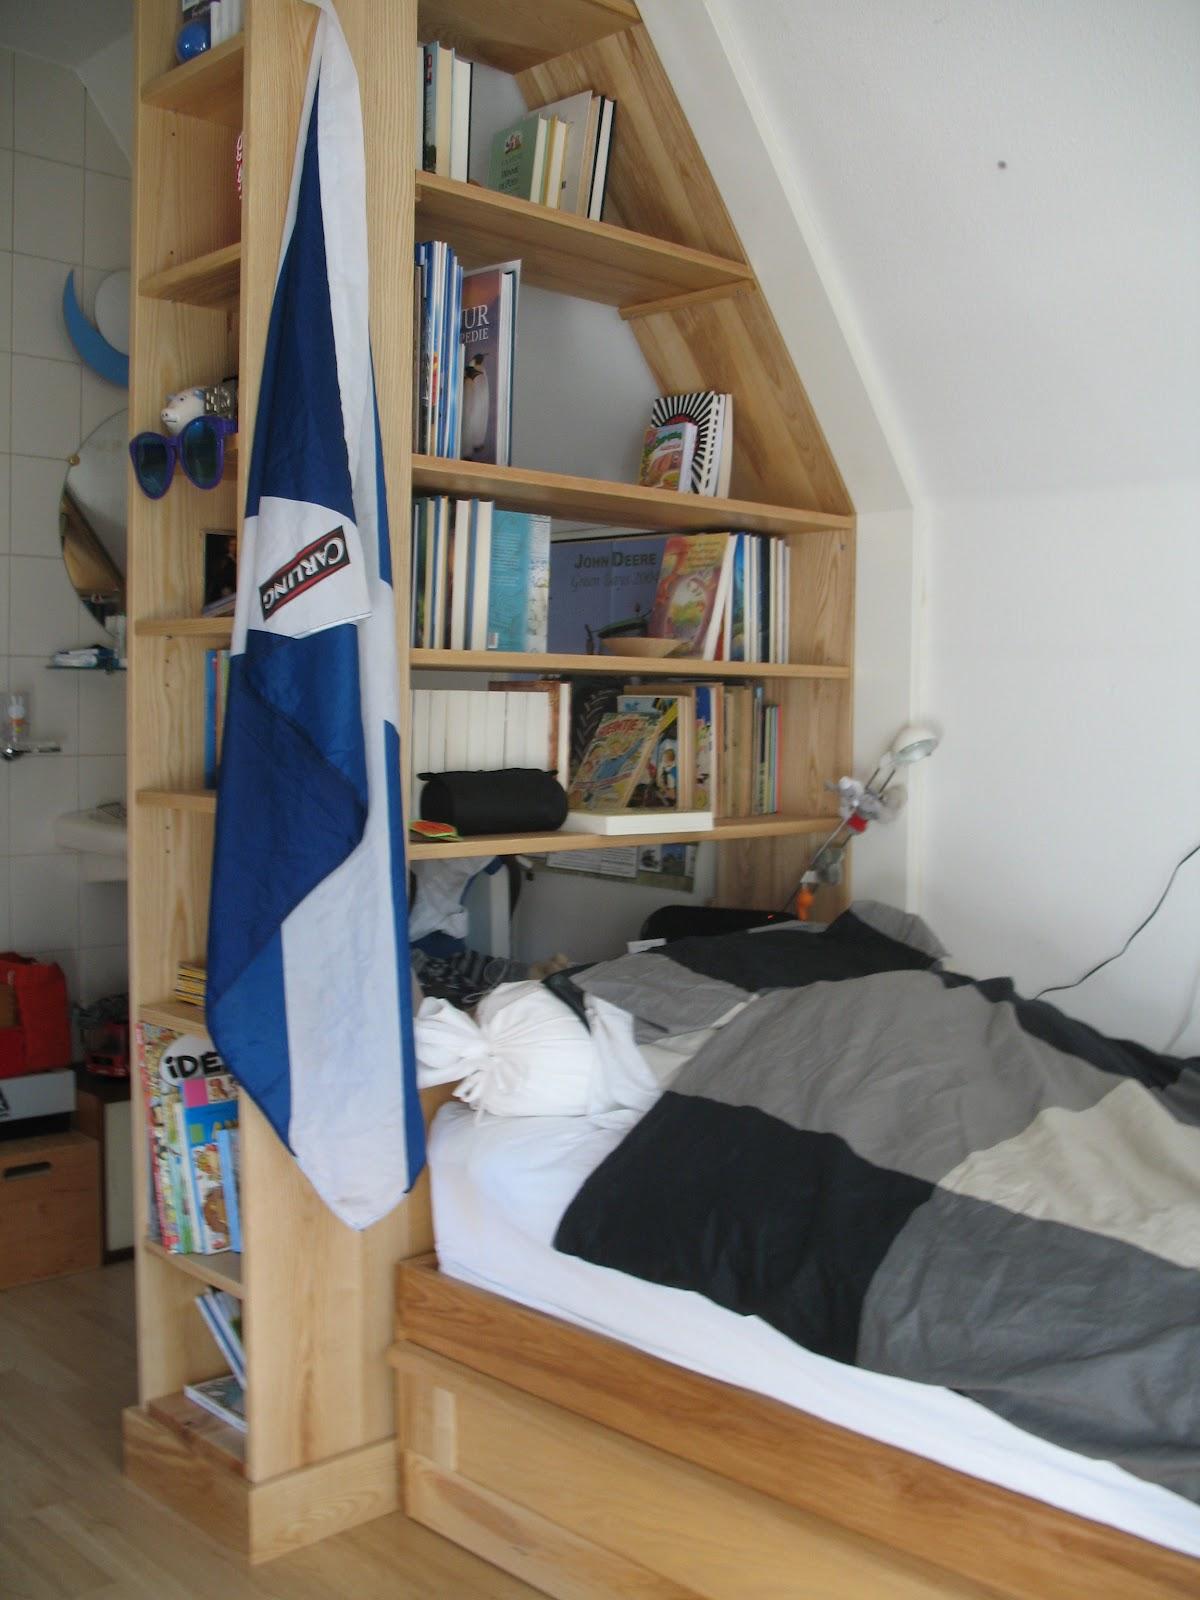 Meubelmakerij de Swarte Schuur: Bed & boekenkast